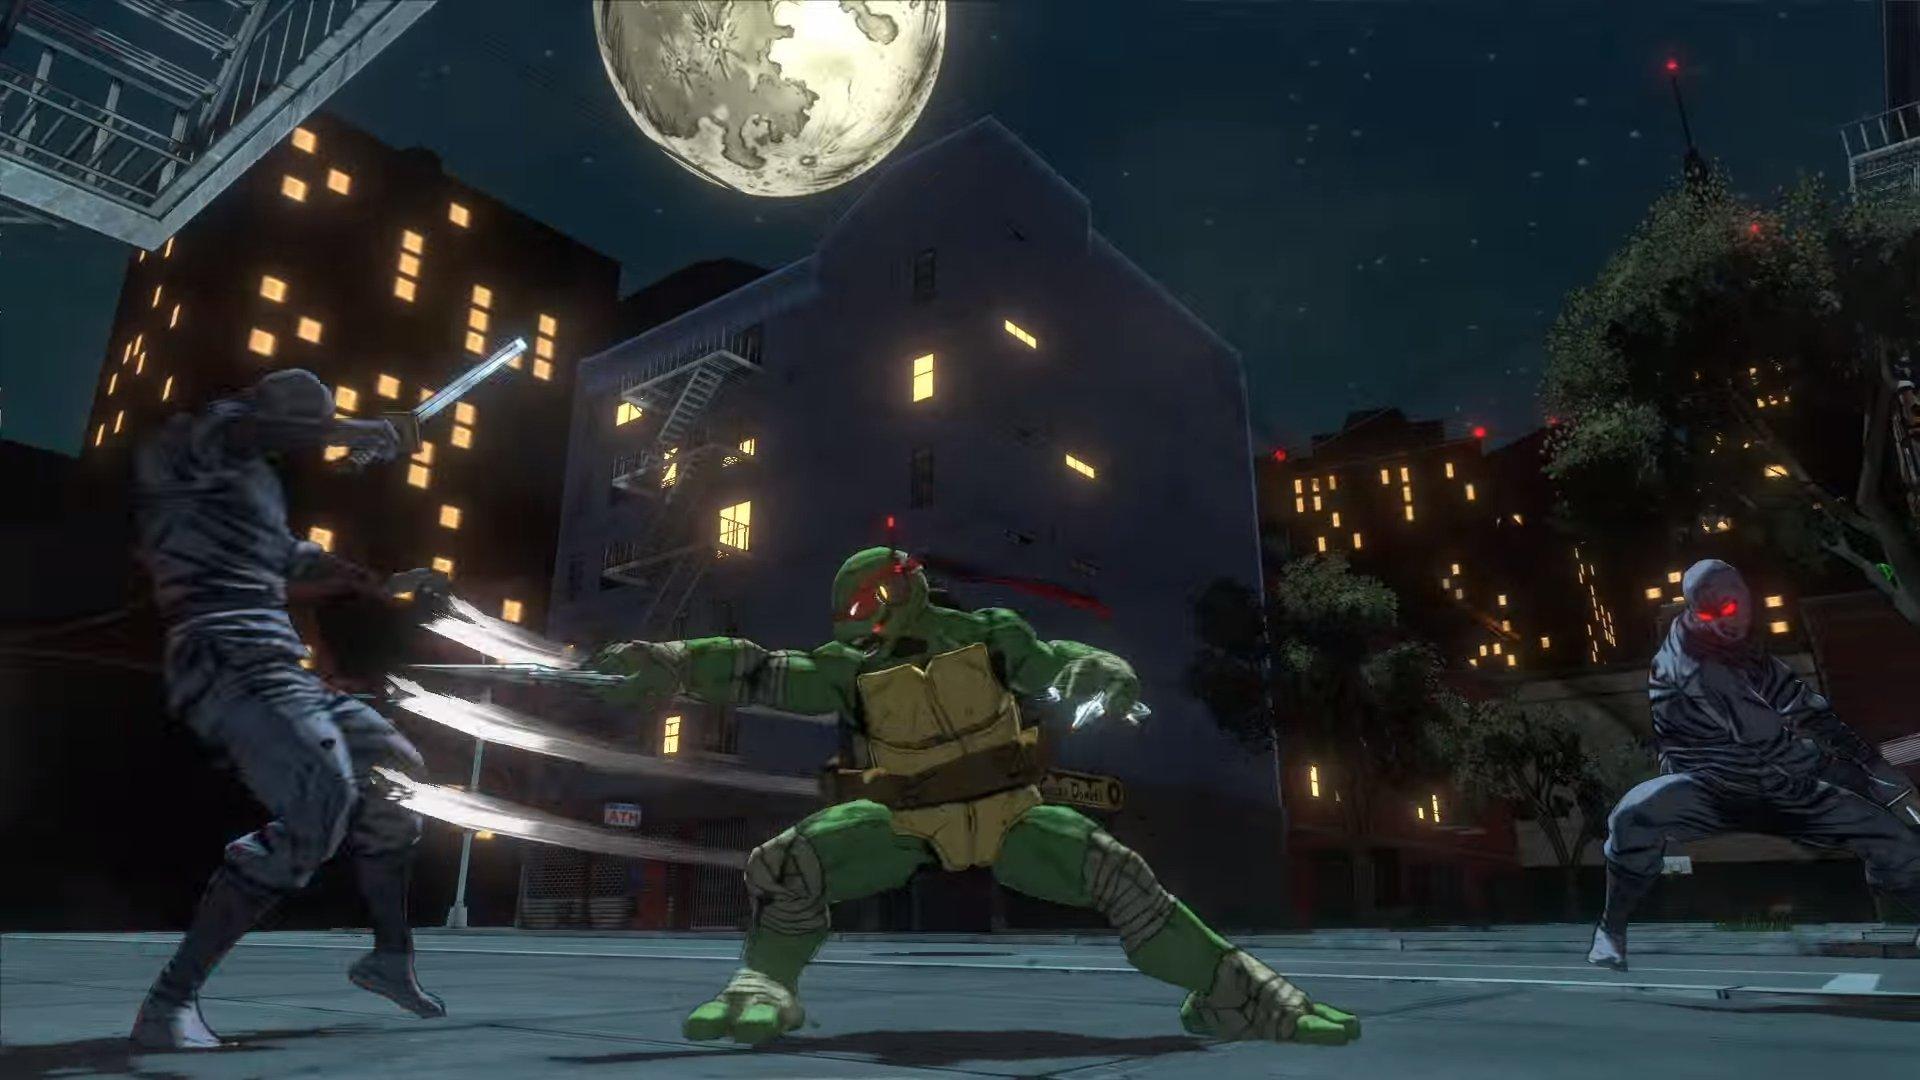 mutant-ninja-turtles_160126